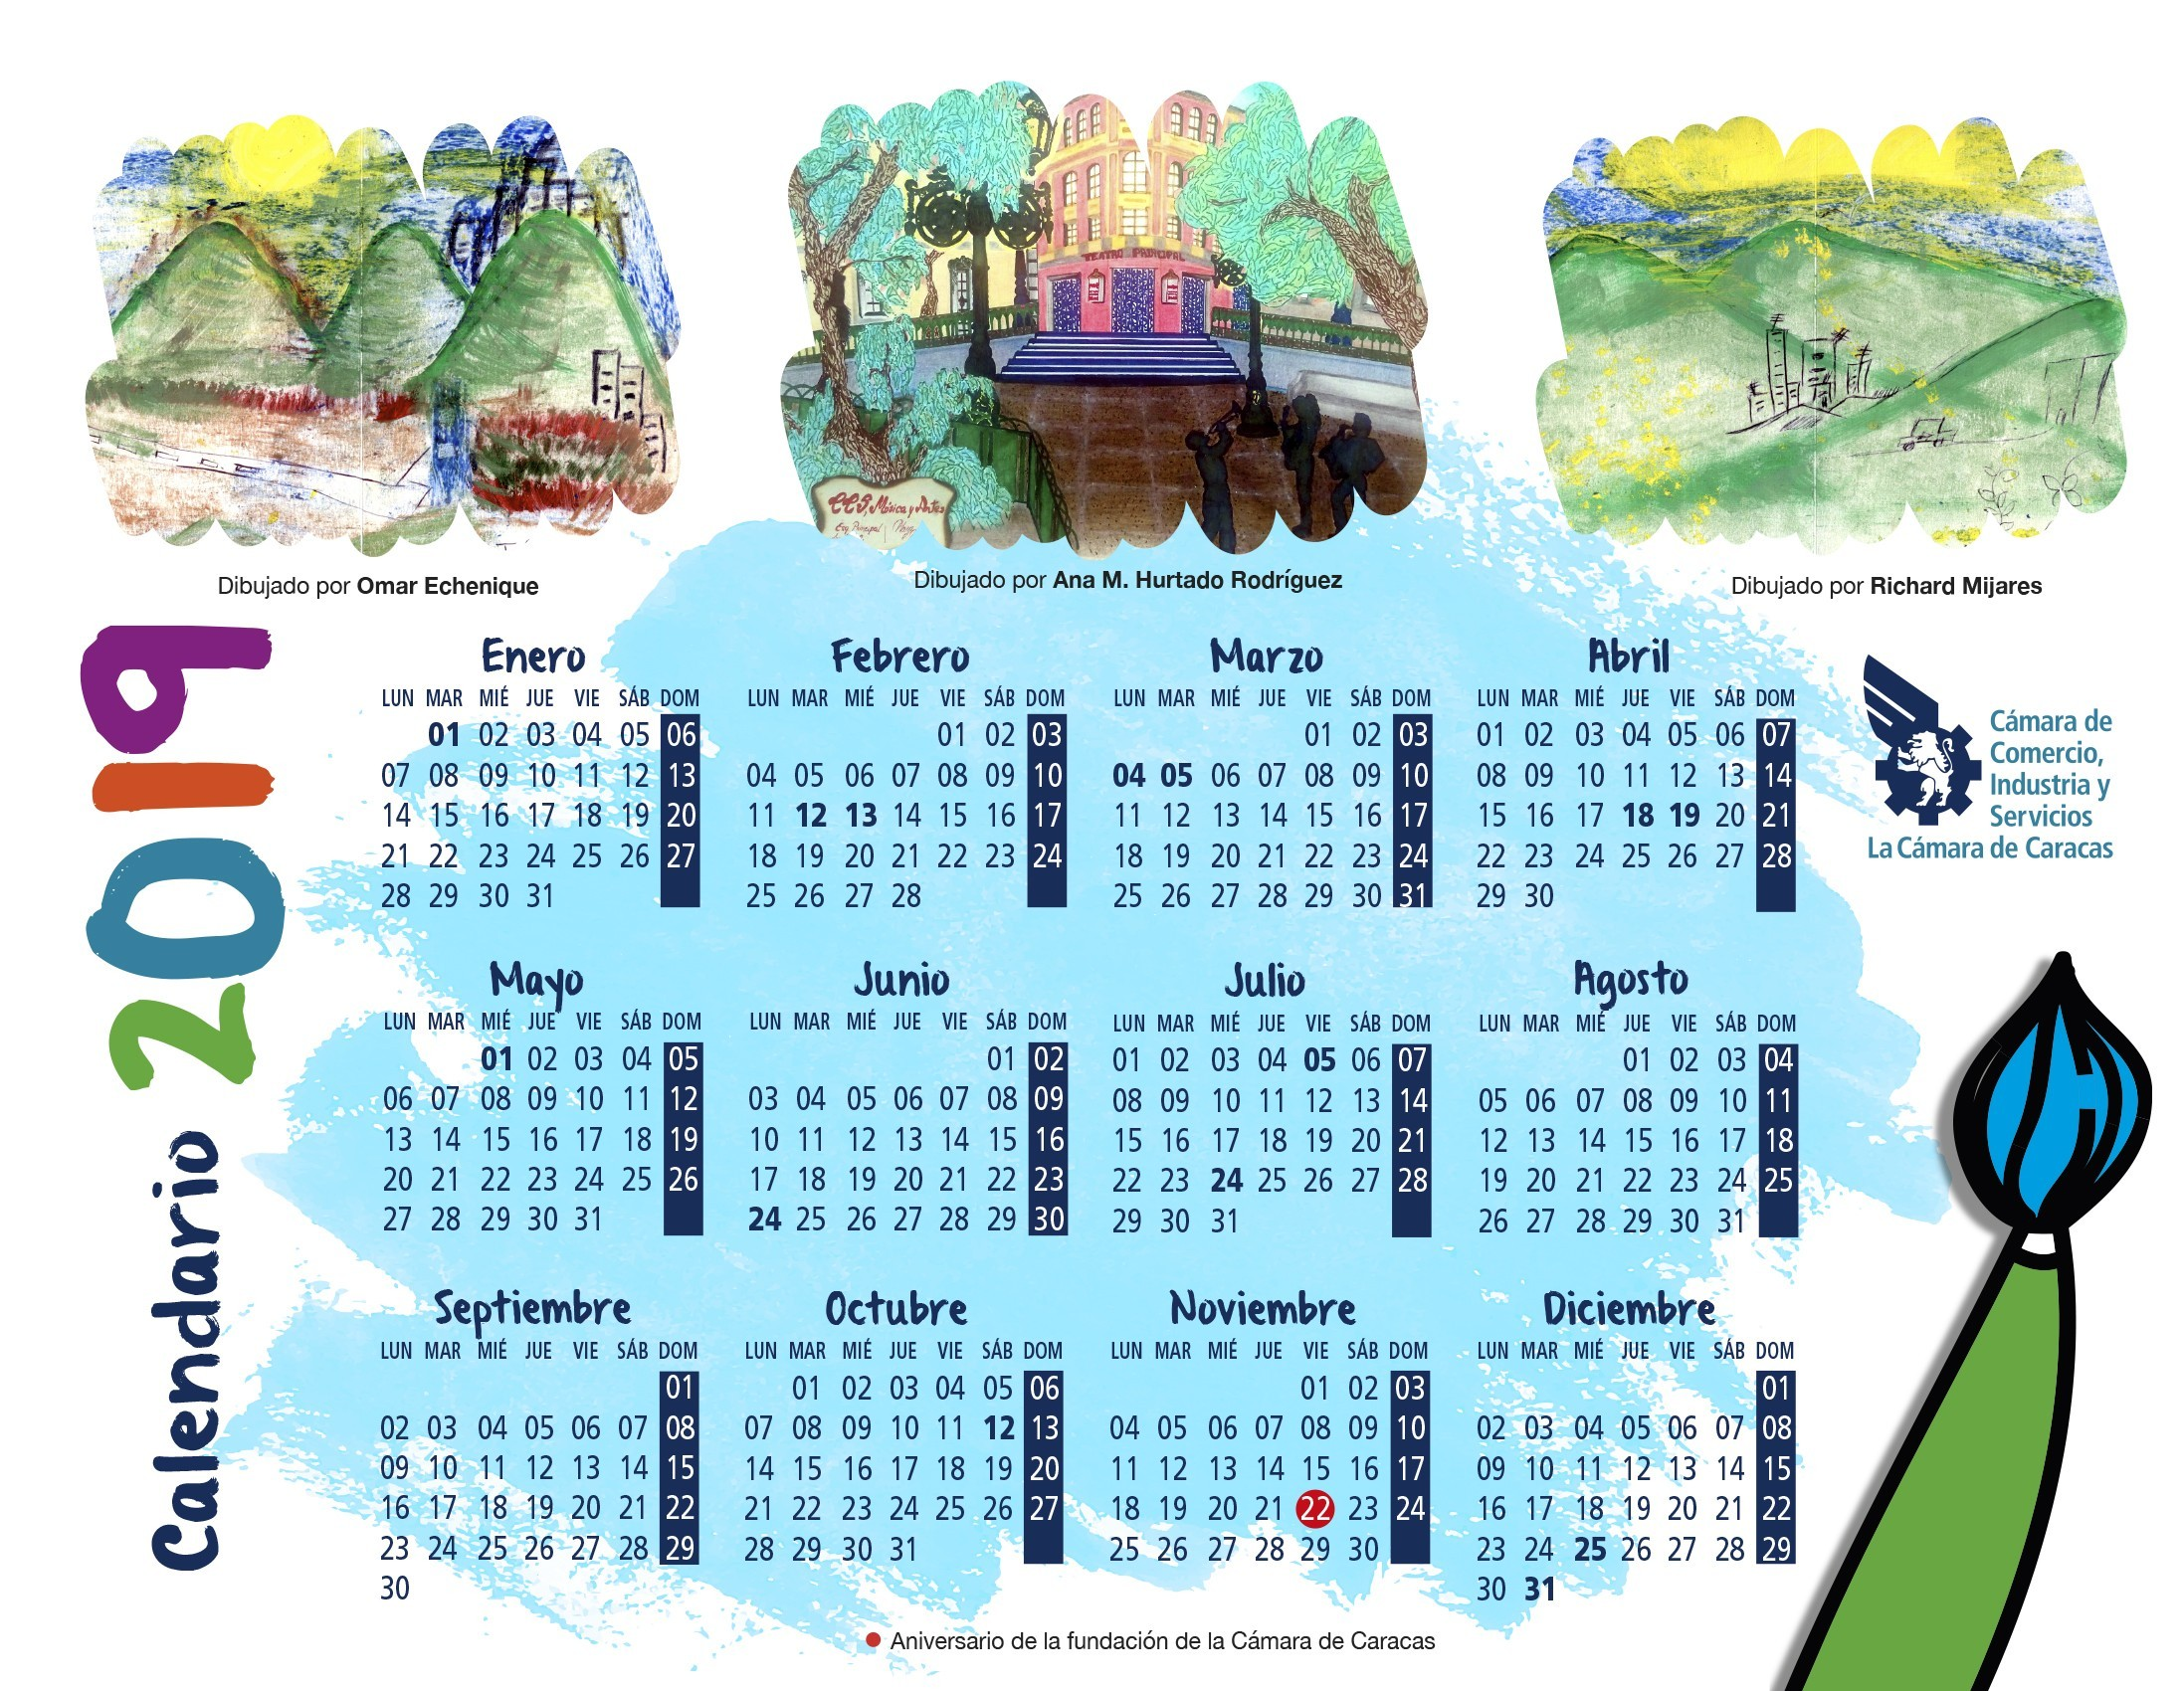 Calendario 2019 Semana Santa Actual Esto Es Exactamente Calendario 2019 Y 2019 Para Imprimir Of Calendario 2019 Semana Santa Más Recientes Calendario Dr 2019 Espanol Calendario 2019 Archivo Imagenes